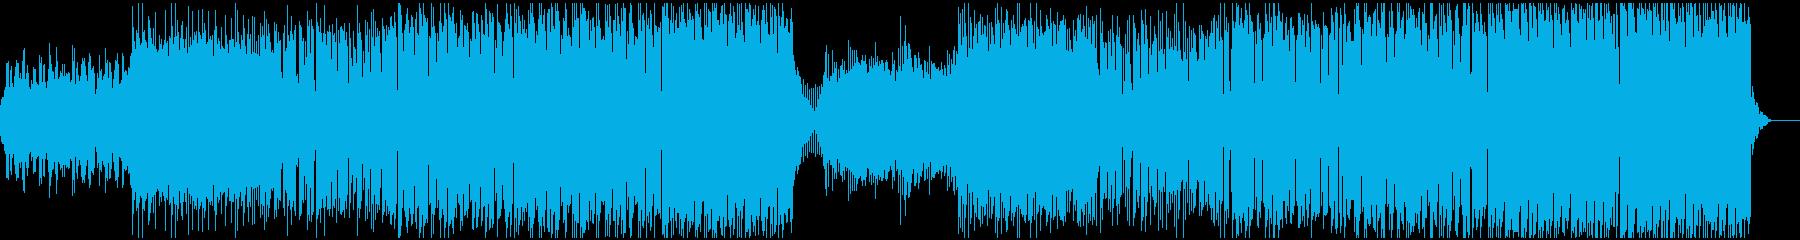 シンセリードメインの爽やか系EDMの再生済みの波形